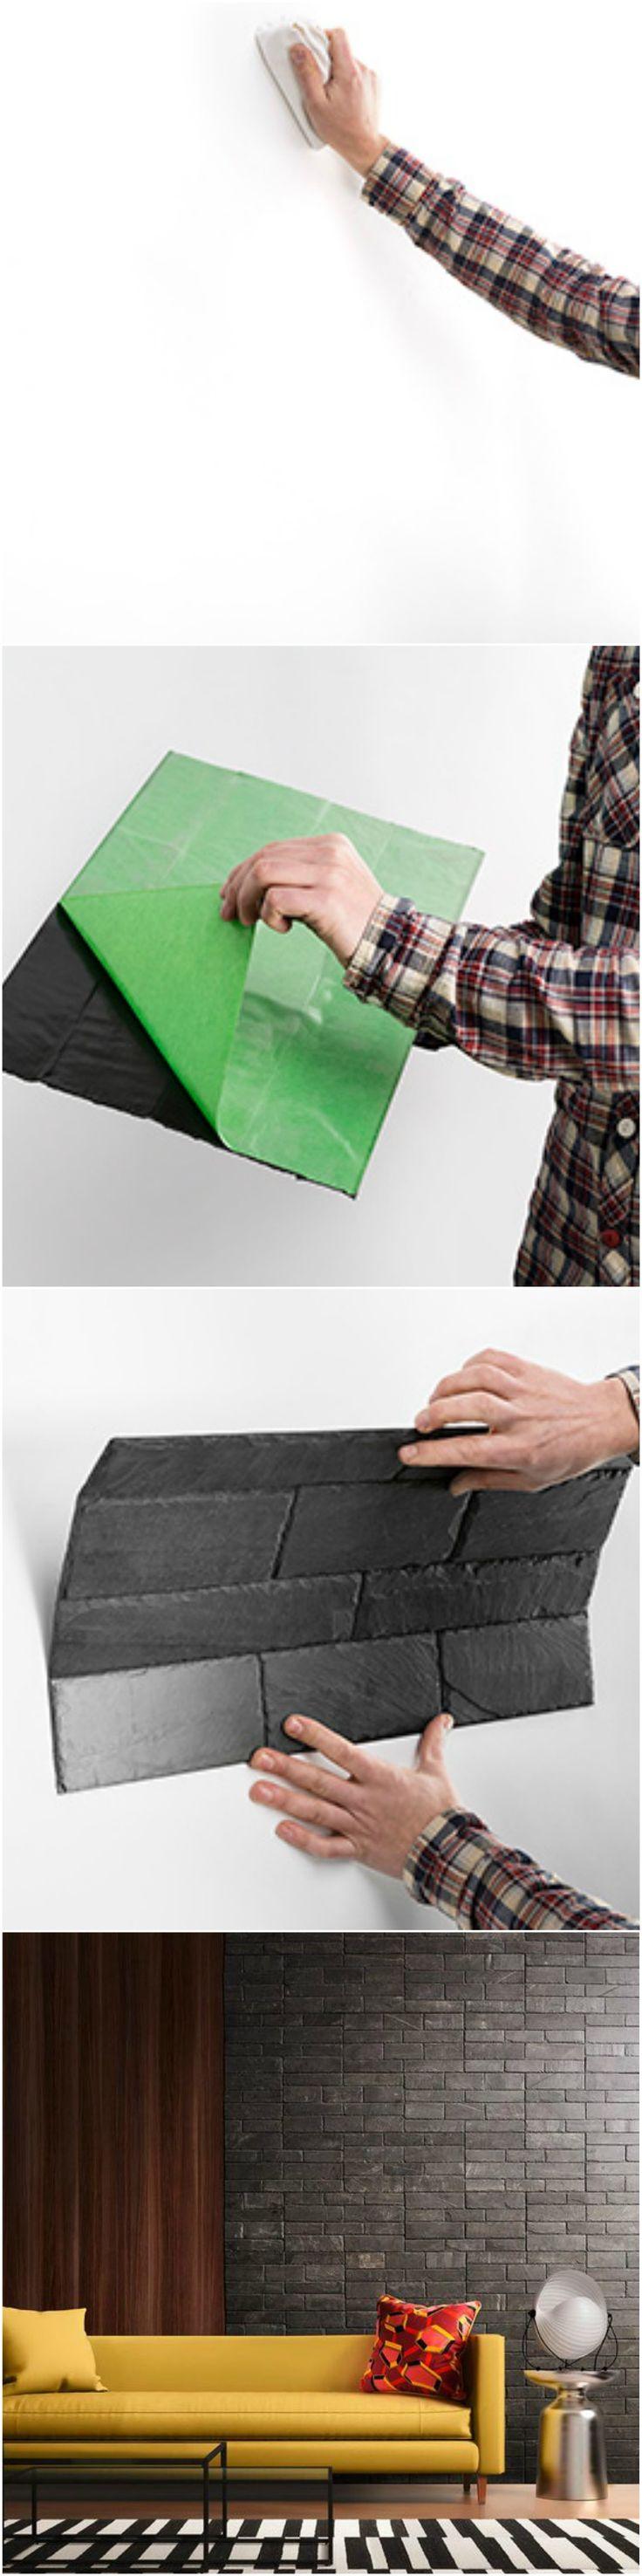 1, 2 y 3¡¡¡ Hazlo tu mismo #diy en 3 simples pasos y coloca una pared de pizarra natural adhesiva con STONETACK de CUPASTONE. Resultados profesionales #natural #slate #pizarra #adhesivo